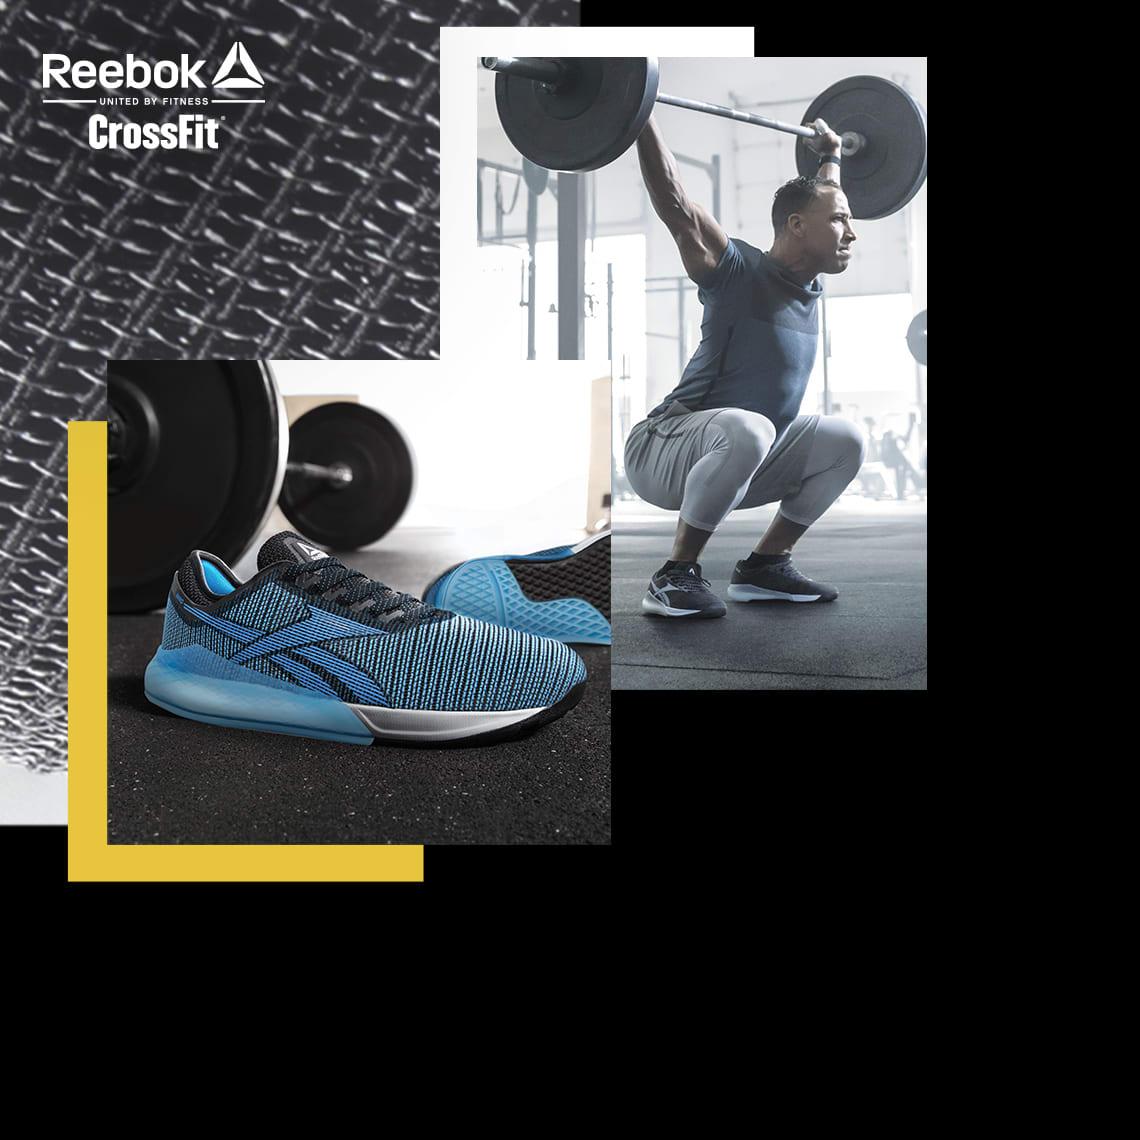 Herren Nano 9 Crossfit Schuhe online kaufen | Reebok CH